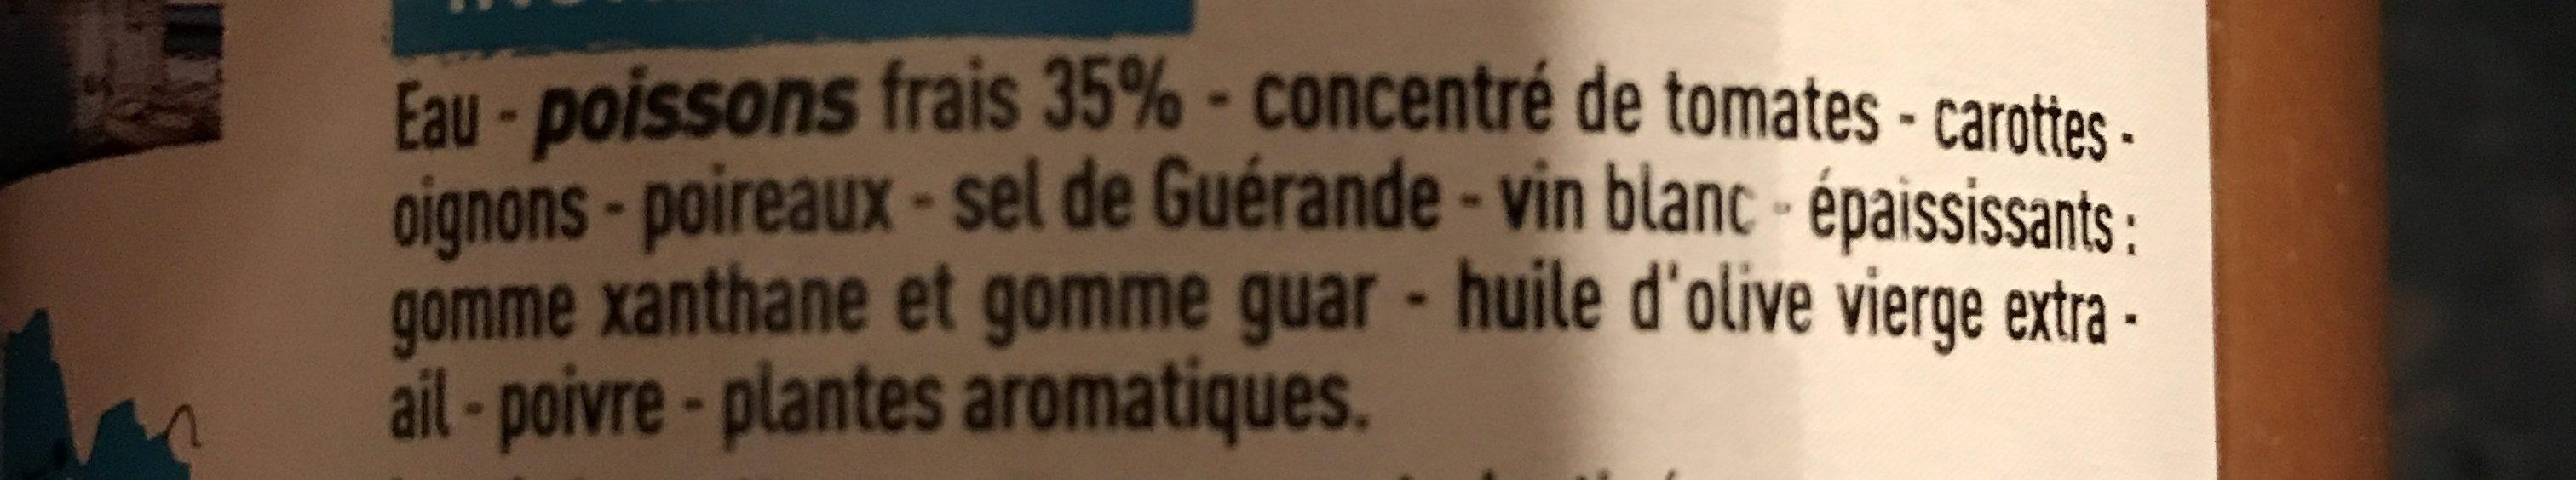 Soupe de poissons bretonne - Ingrédients